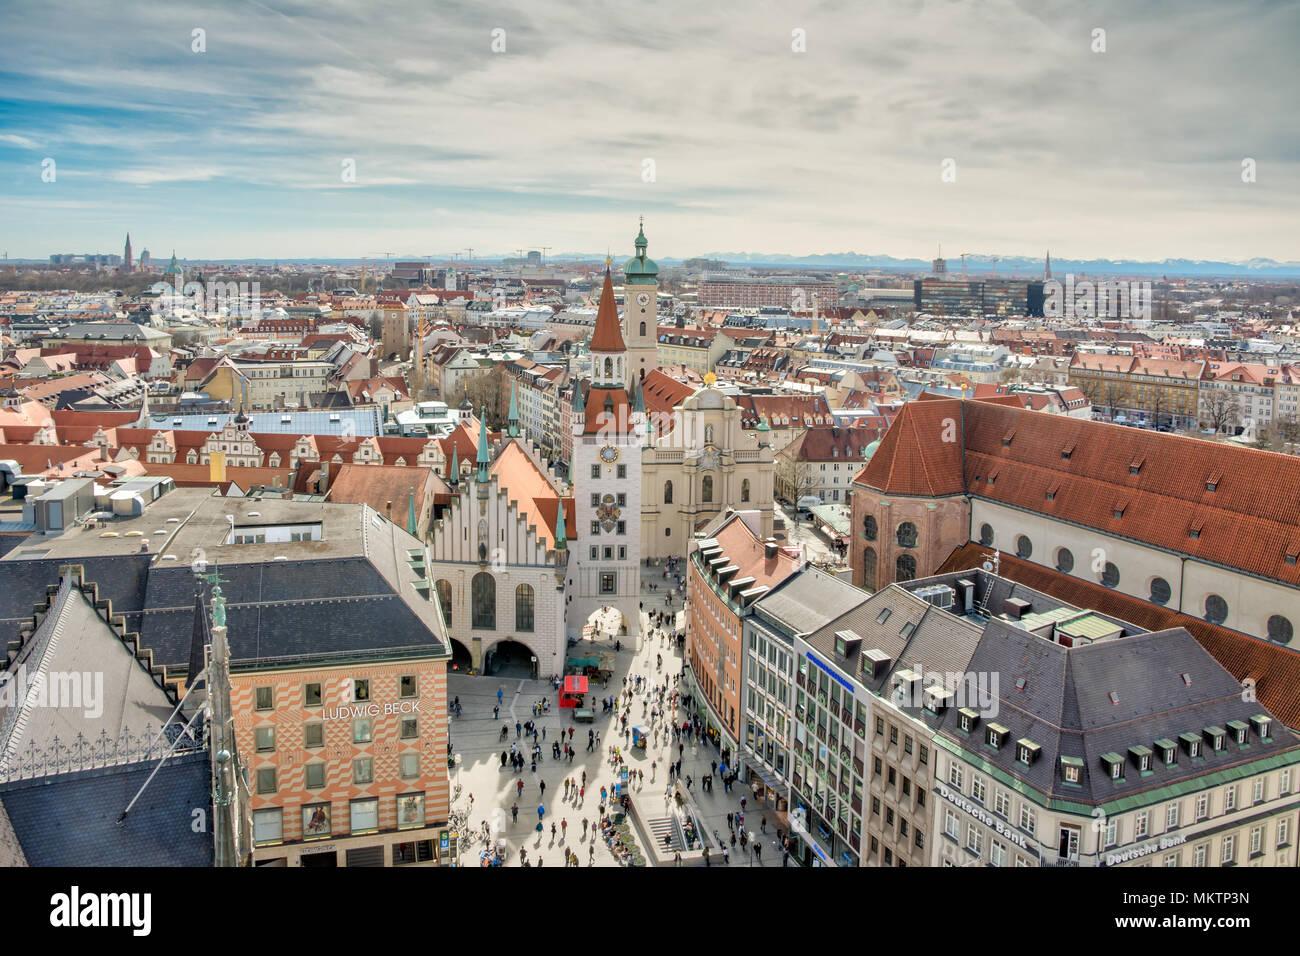 Monaco di Baviera, Germania - 4 aprile: veduta aerea della città di Monaco di Baviera, in Germania il 4 aprile 2018. Una folla di gente che sono presso la piazza. Immagini Stock